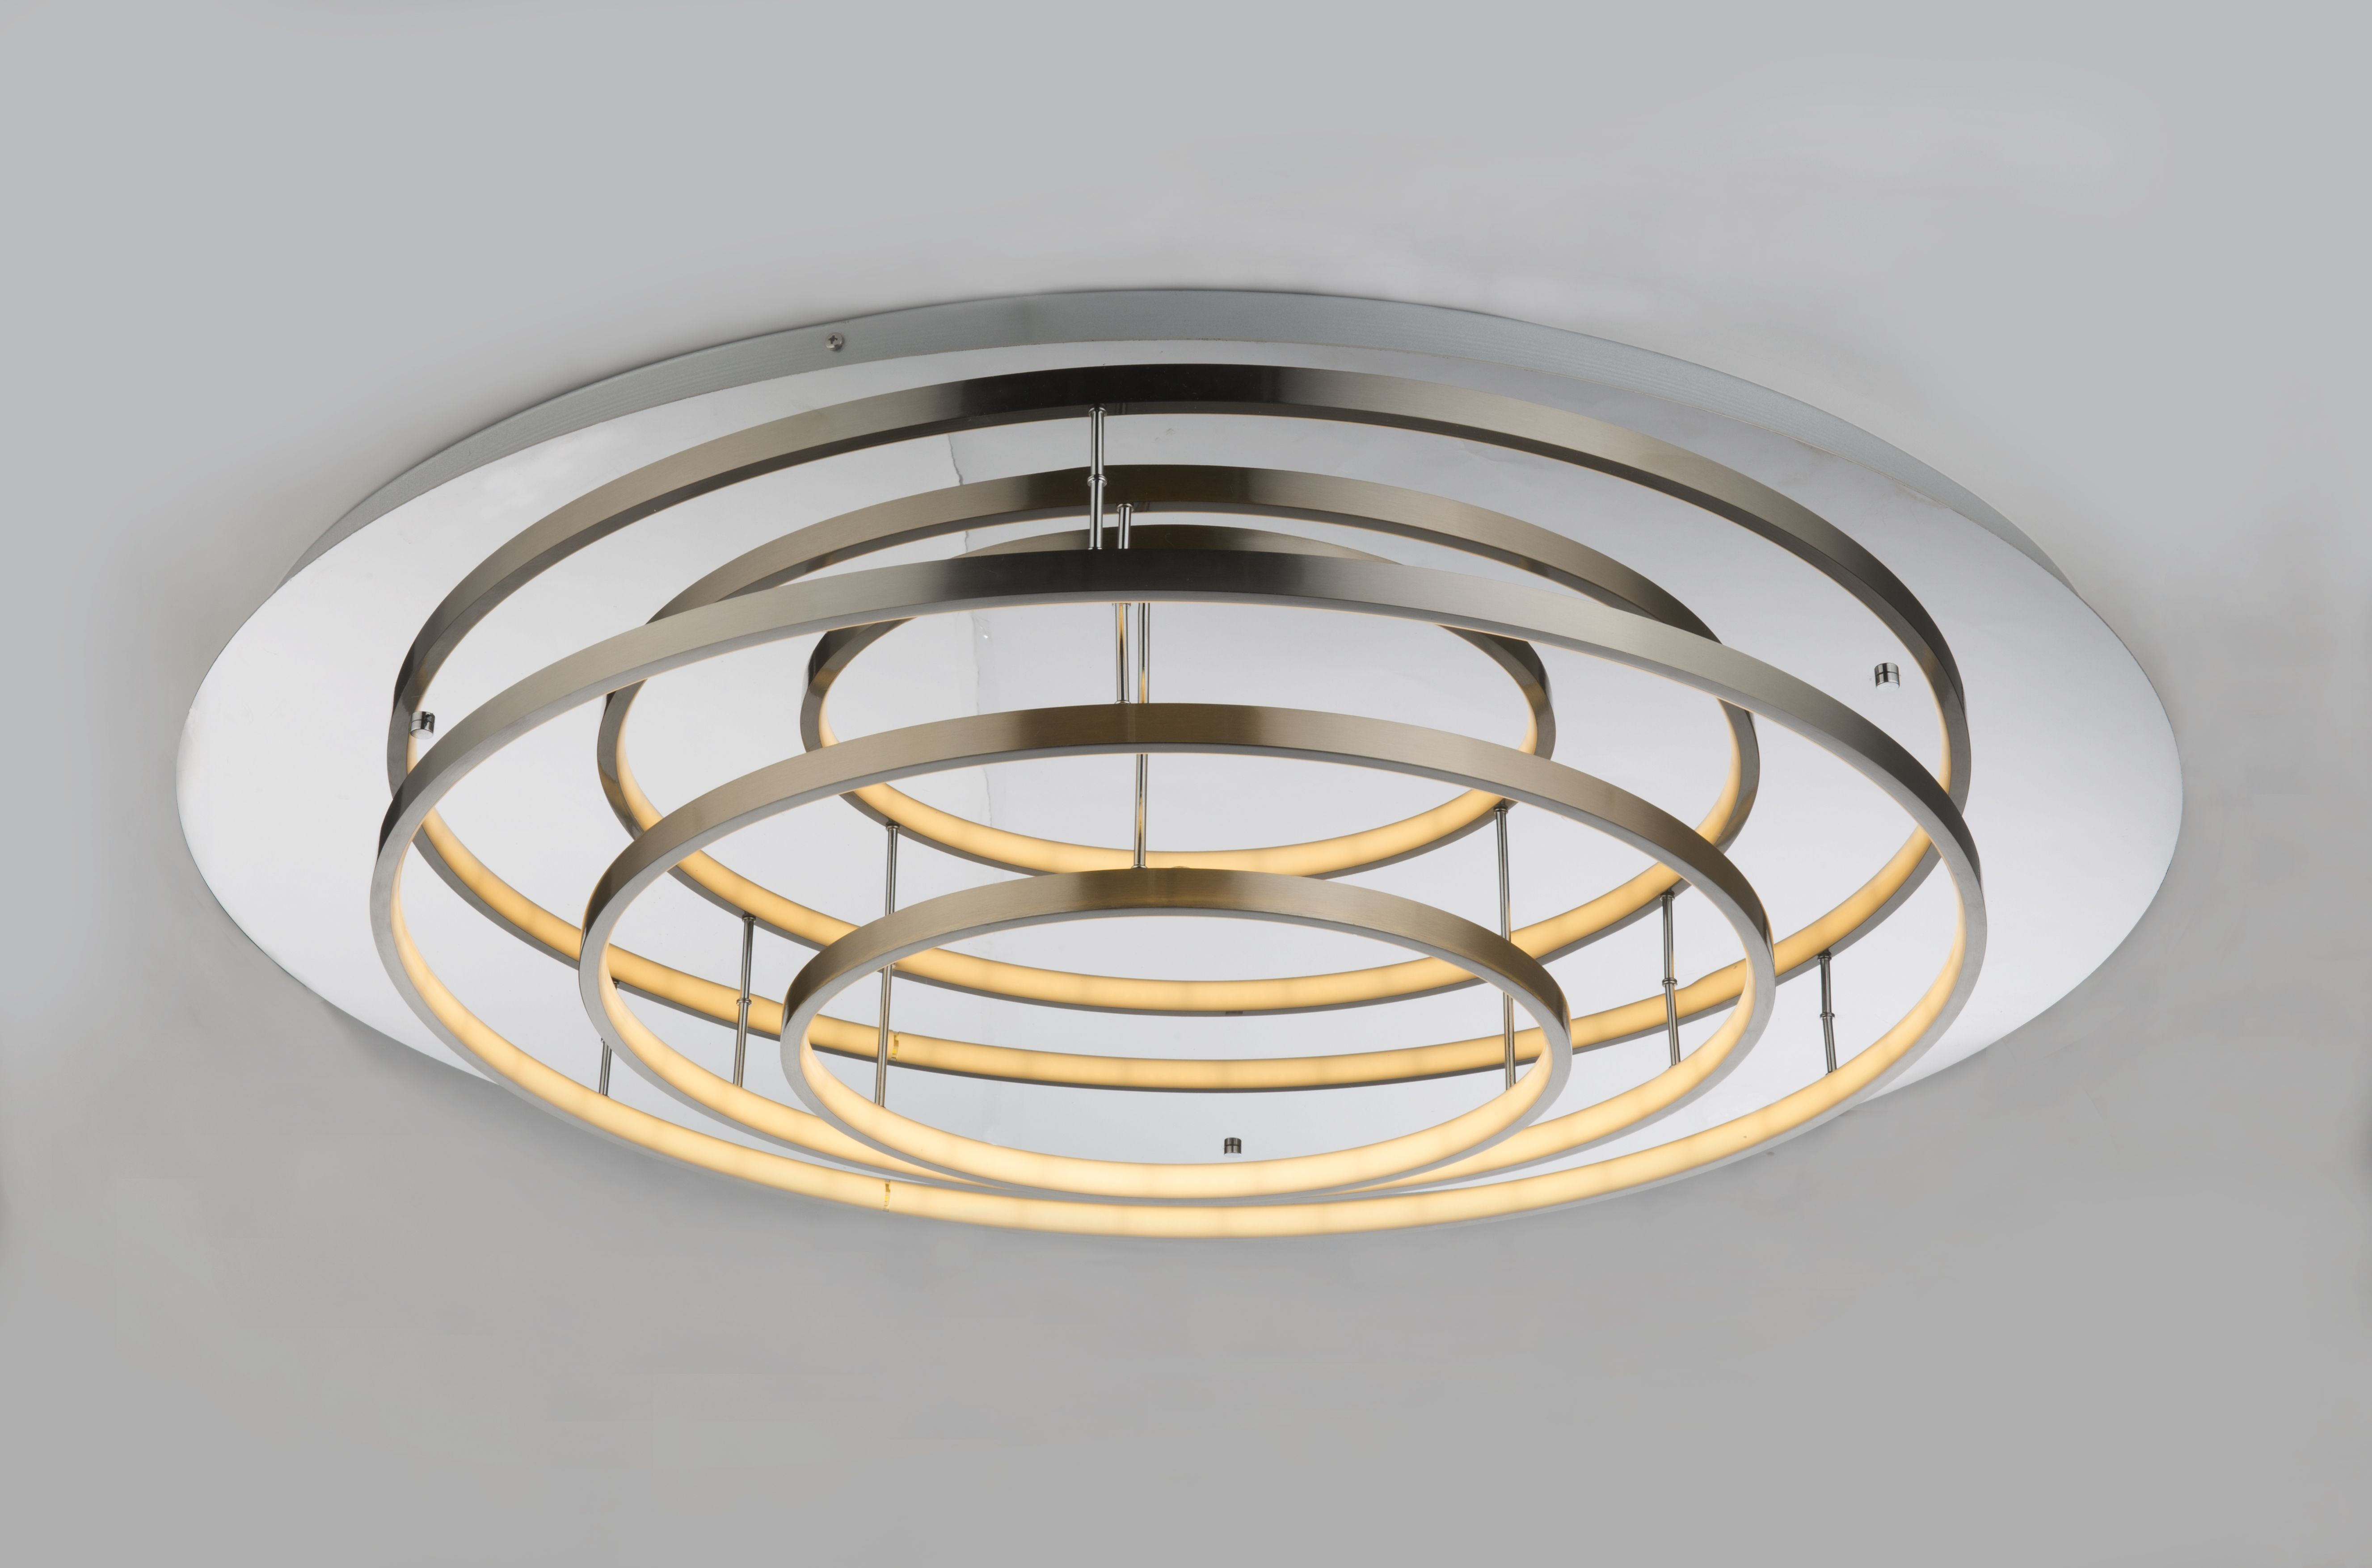 Plafoniera Led Cu Telecomanda : Corpuri de iluminat lustra led aplicata cu telecomanda design moder